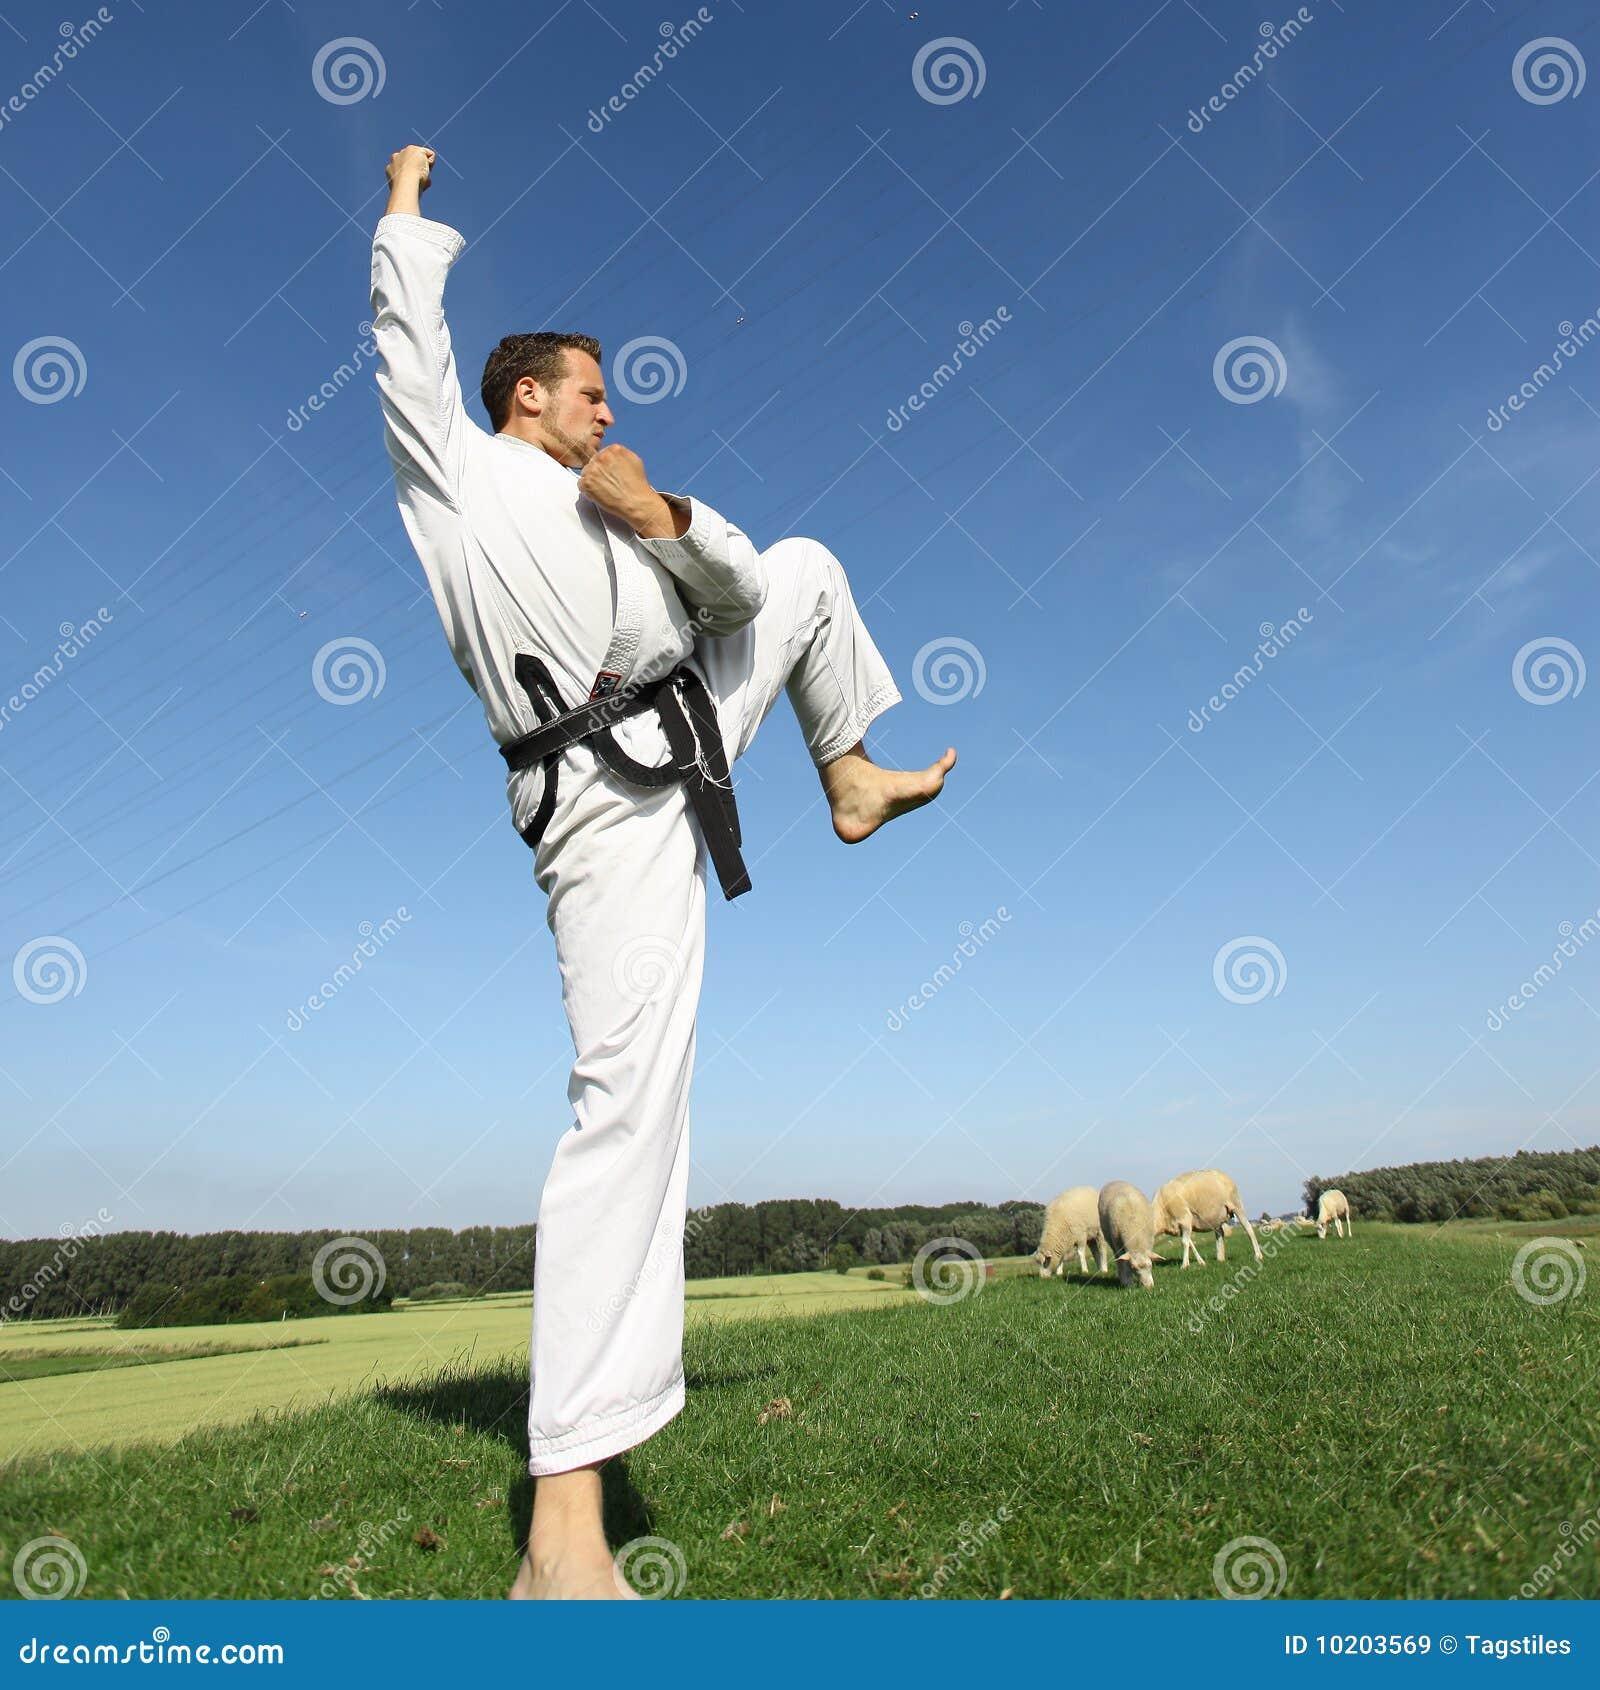 Download Kungfu stockbild. Bild von mann, hoch, athlet, gang, gesund - 10203569